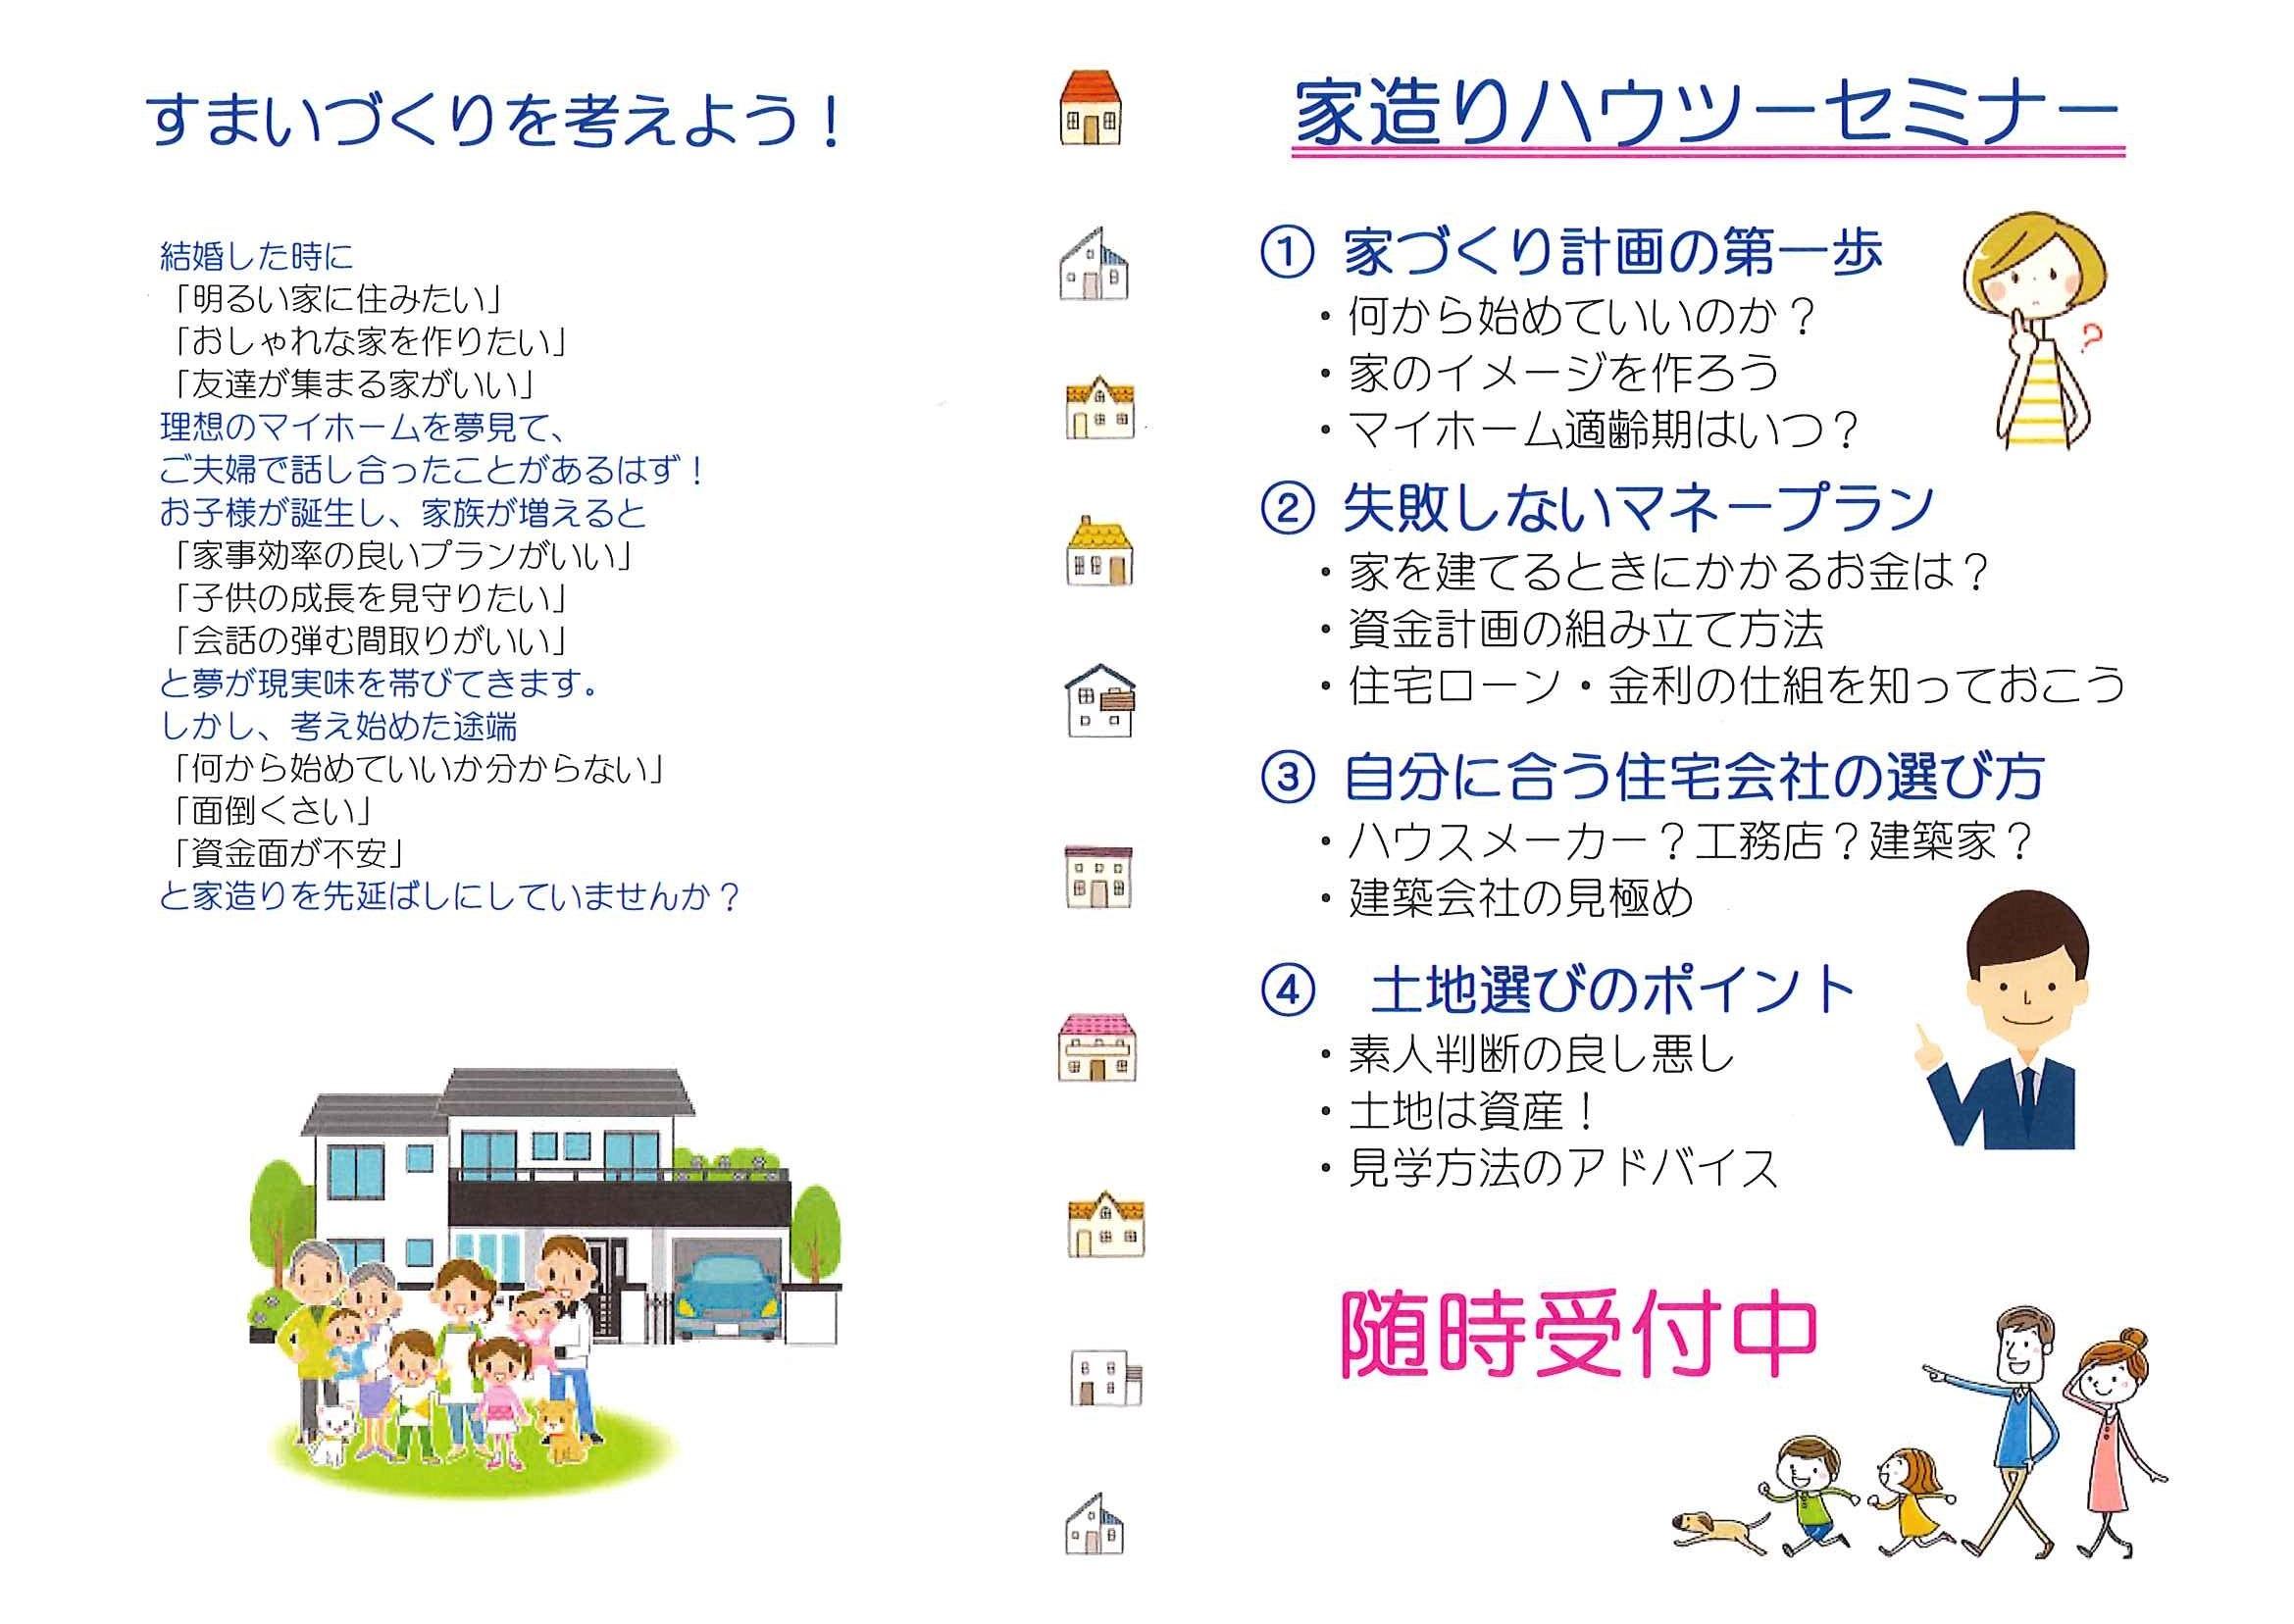 『家づくりハウツーセミナー』のお知らせ!